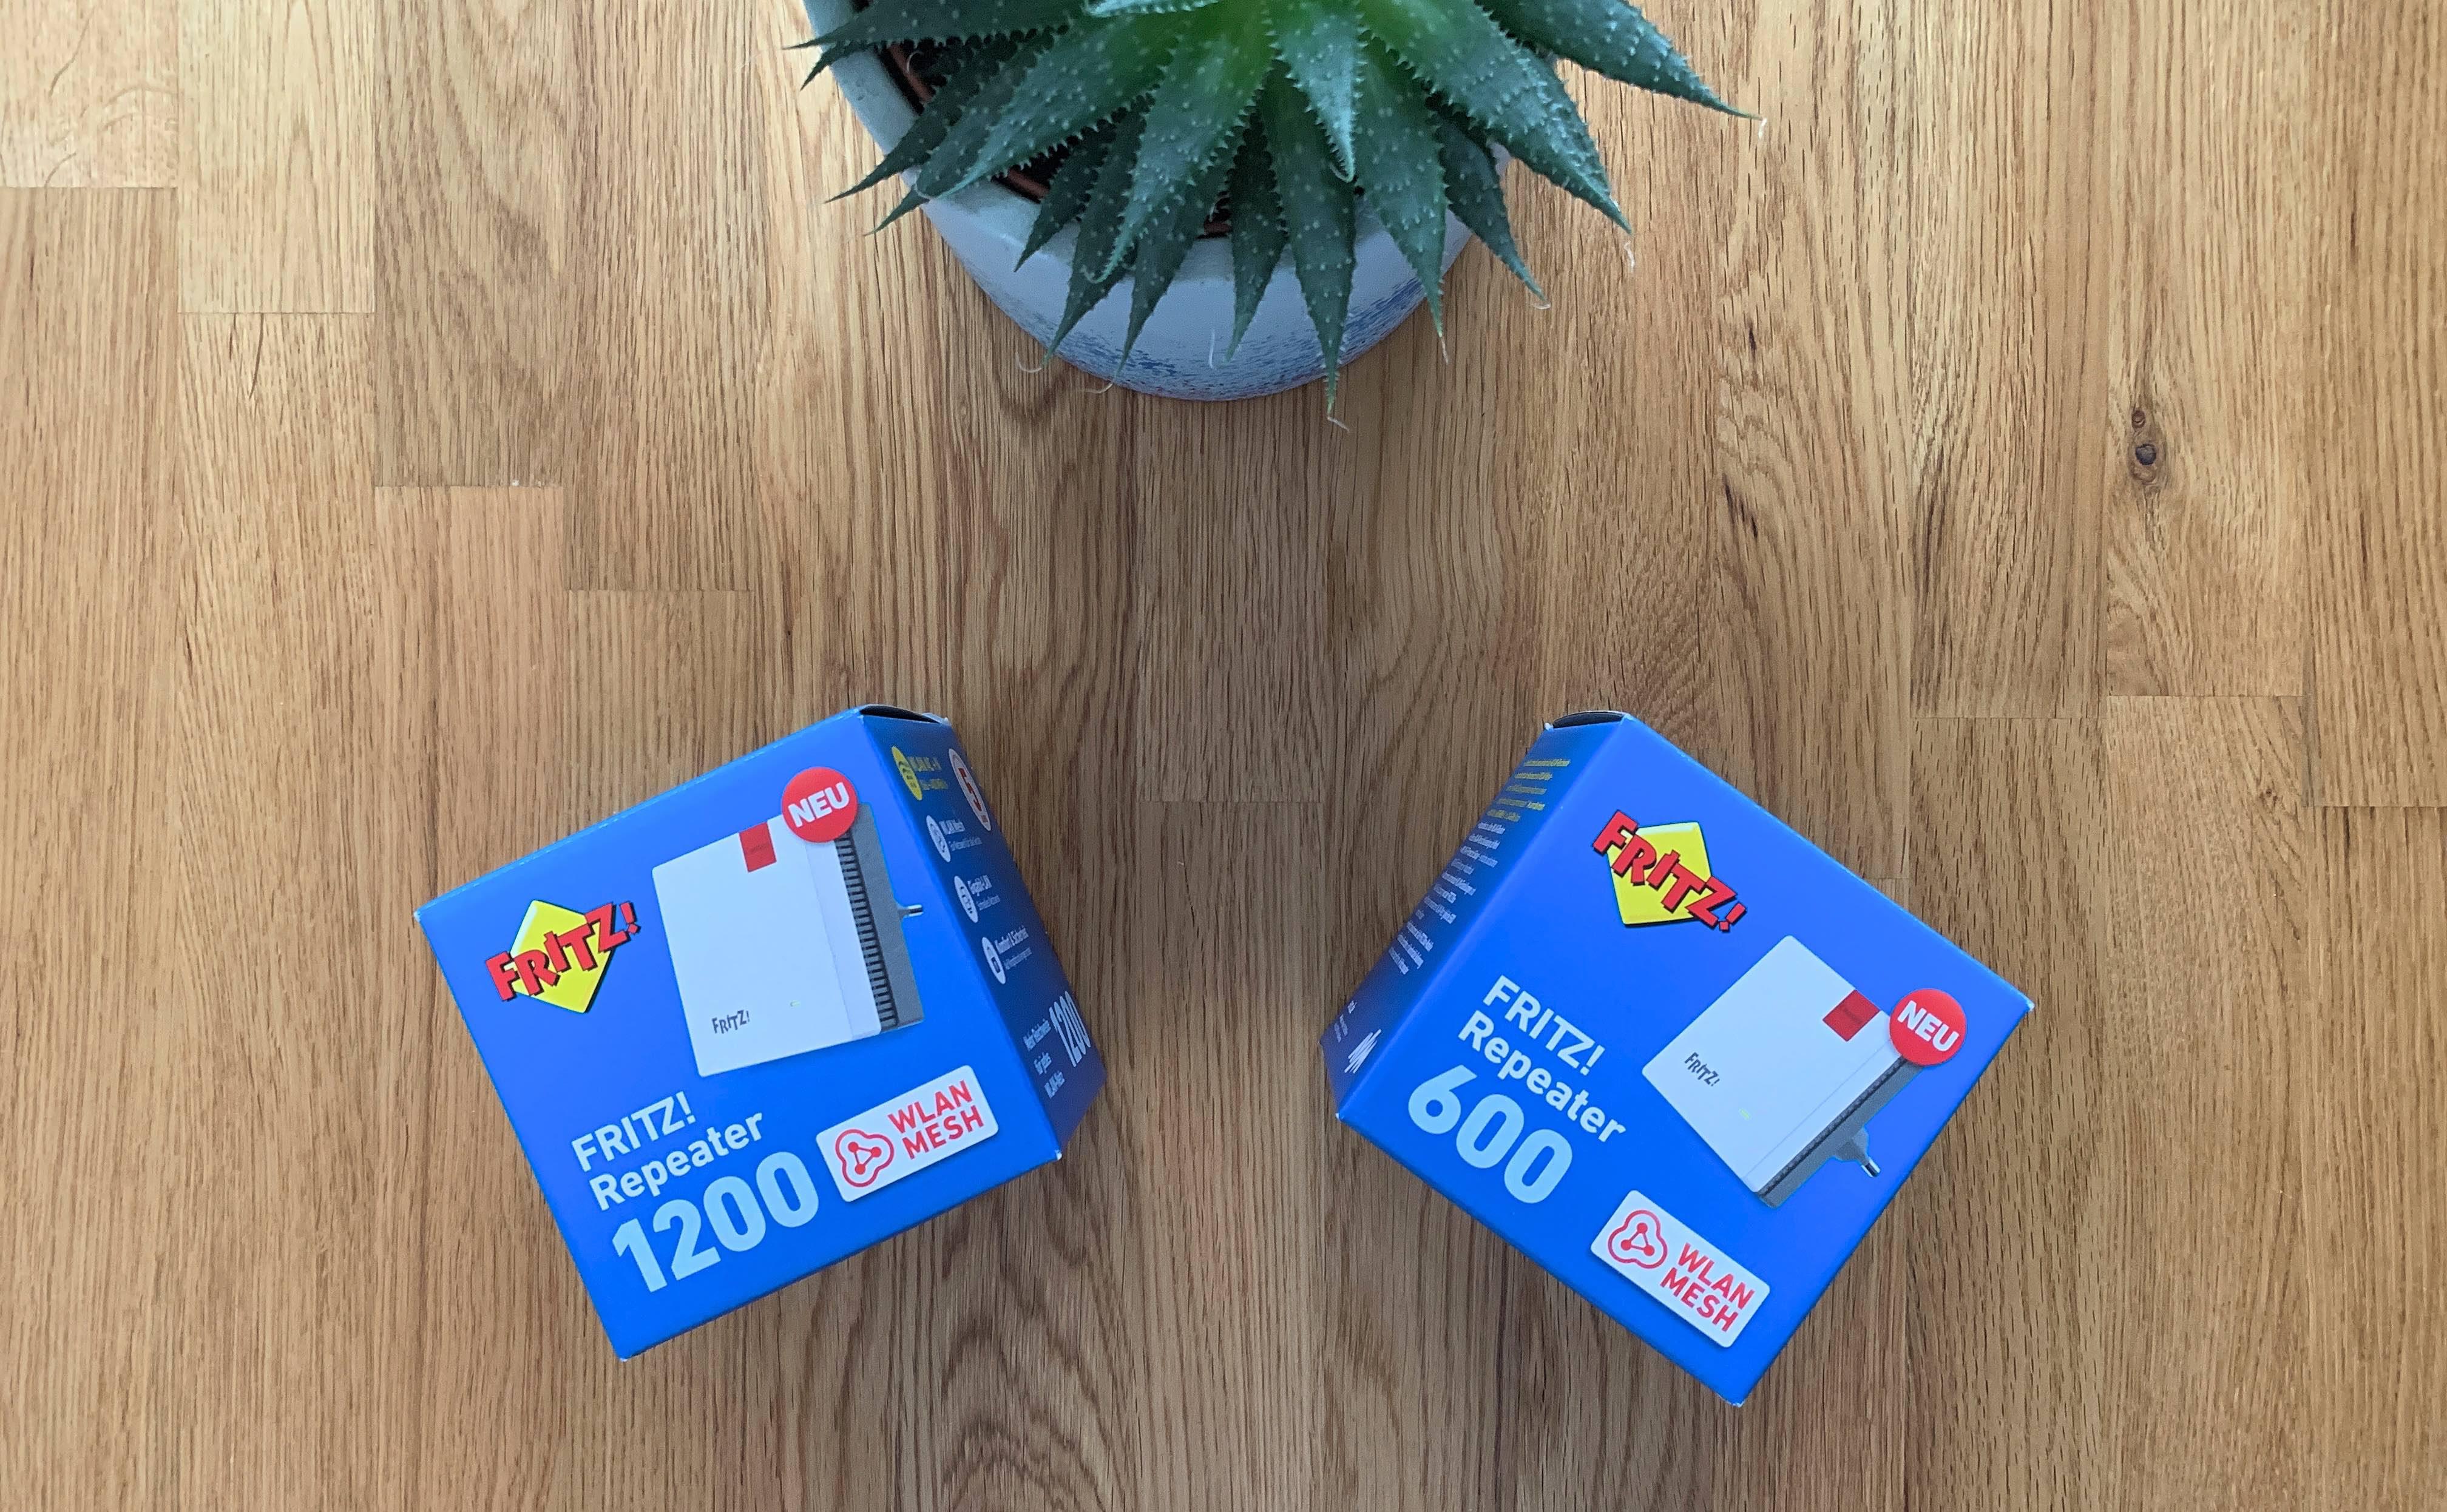 FritzRepeater_600_und_1200_AVM_MESH_Review2 Fritz!Repeater 600 und 1200 von AVM - endlich mehr MESH-WLAN